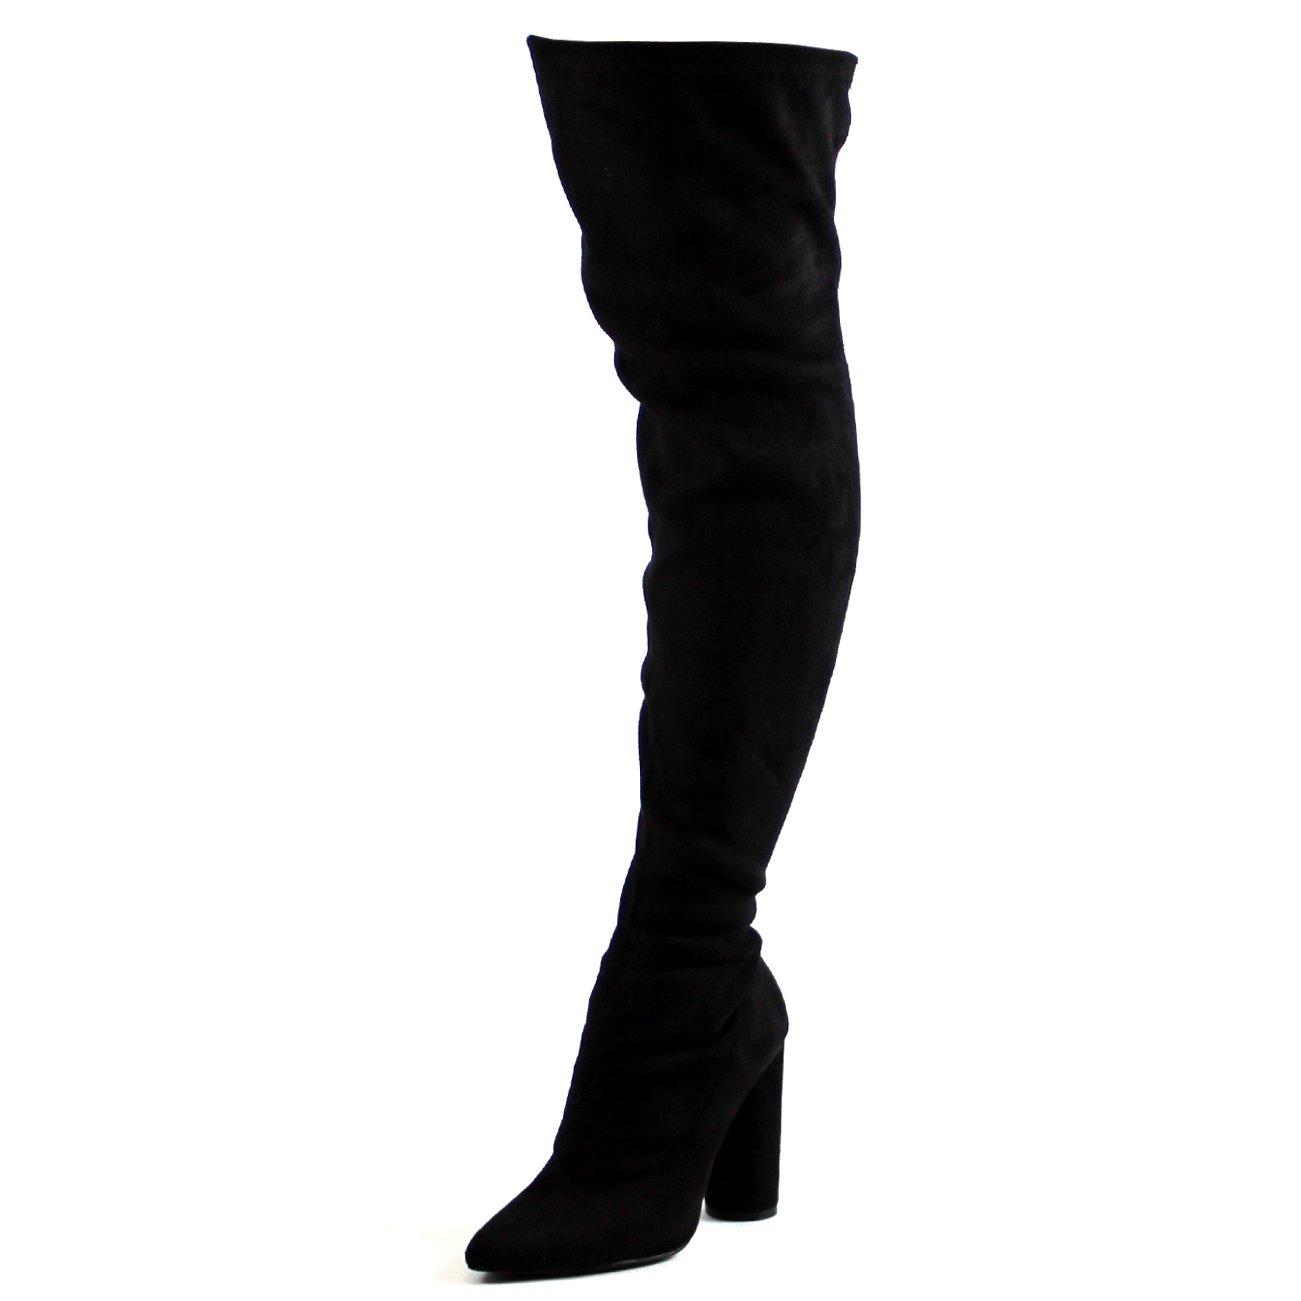 Damen Strecken Tailliert Spitze Block Ferse Mode Oberschenkel Hoch Stiefel